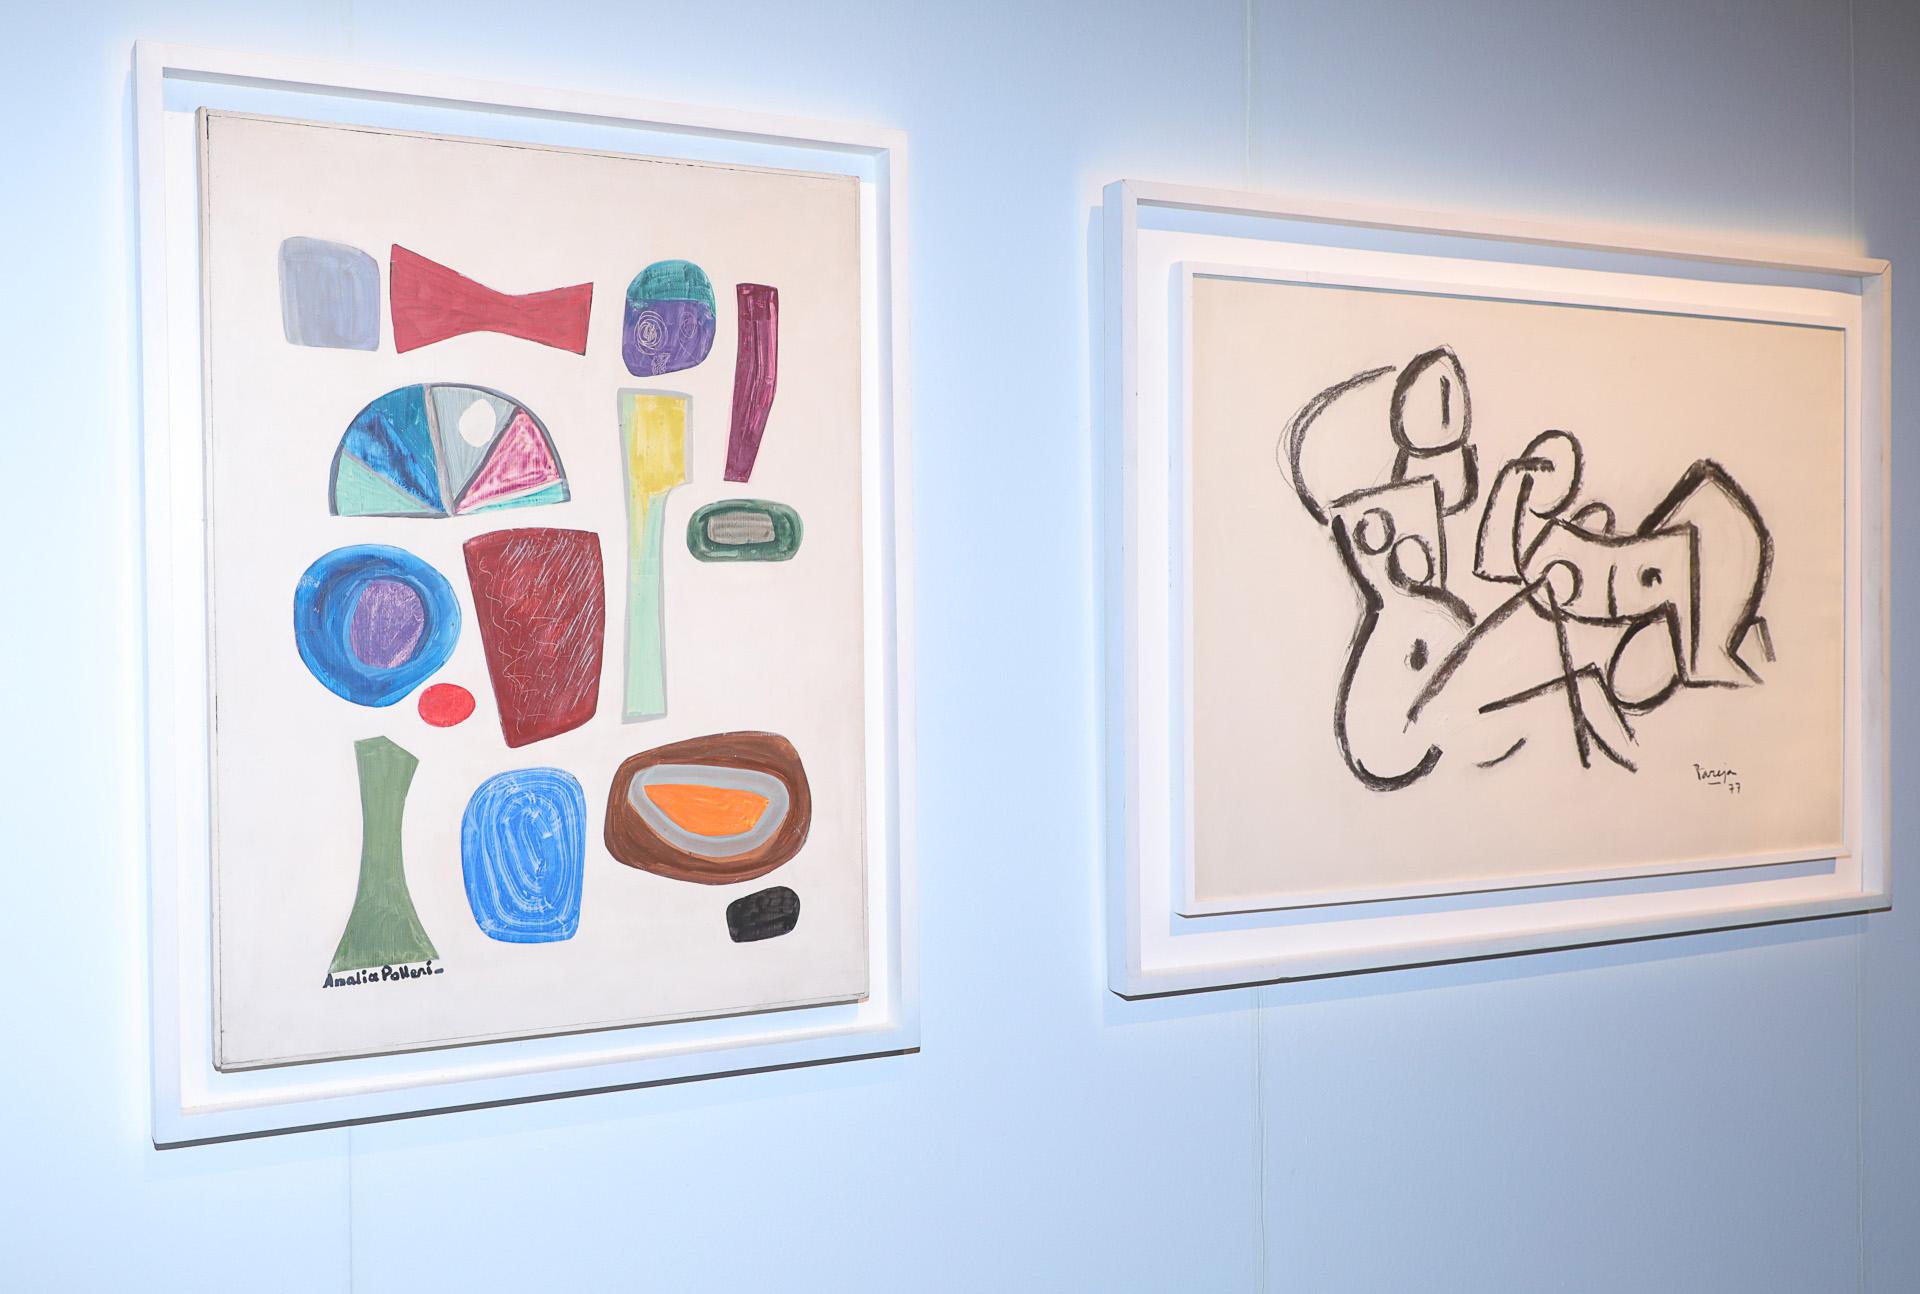 Obras en la galería Sur (Christian Bochichio)